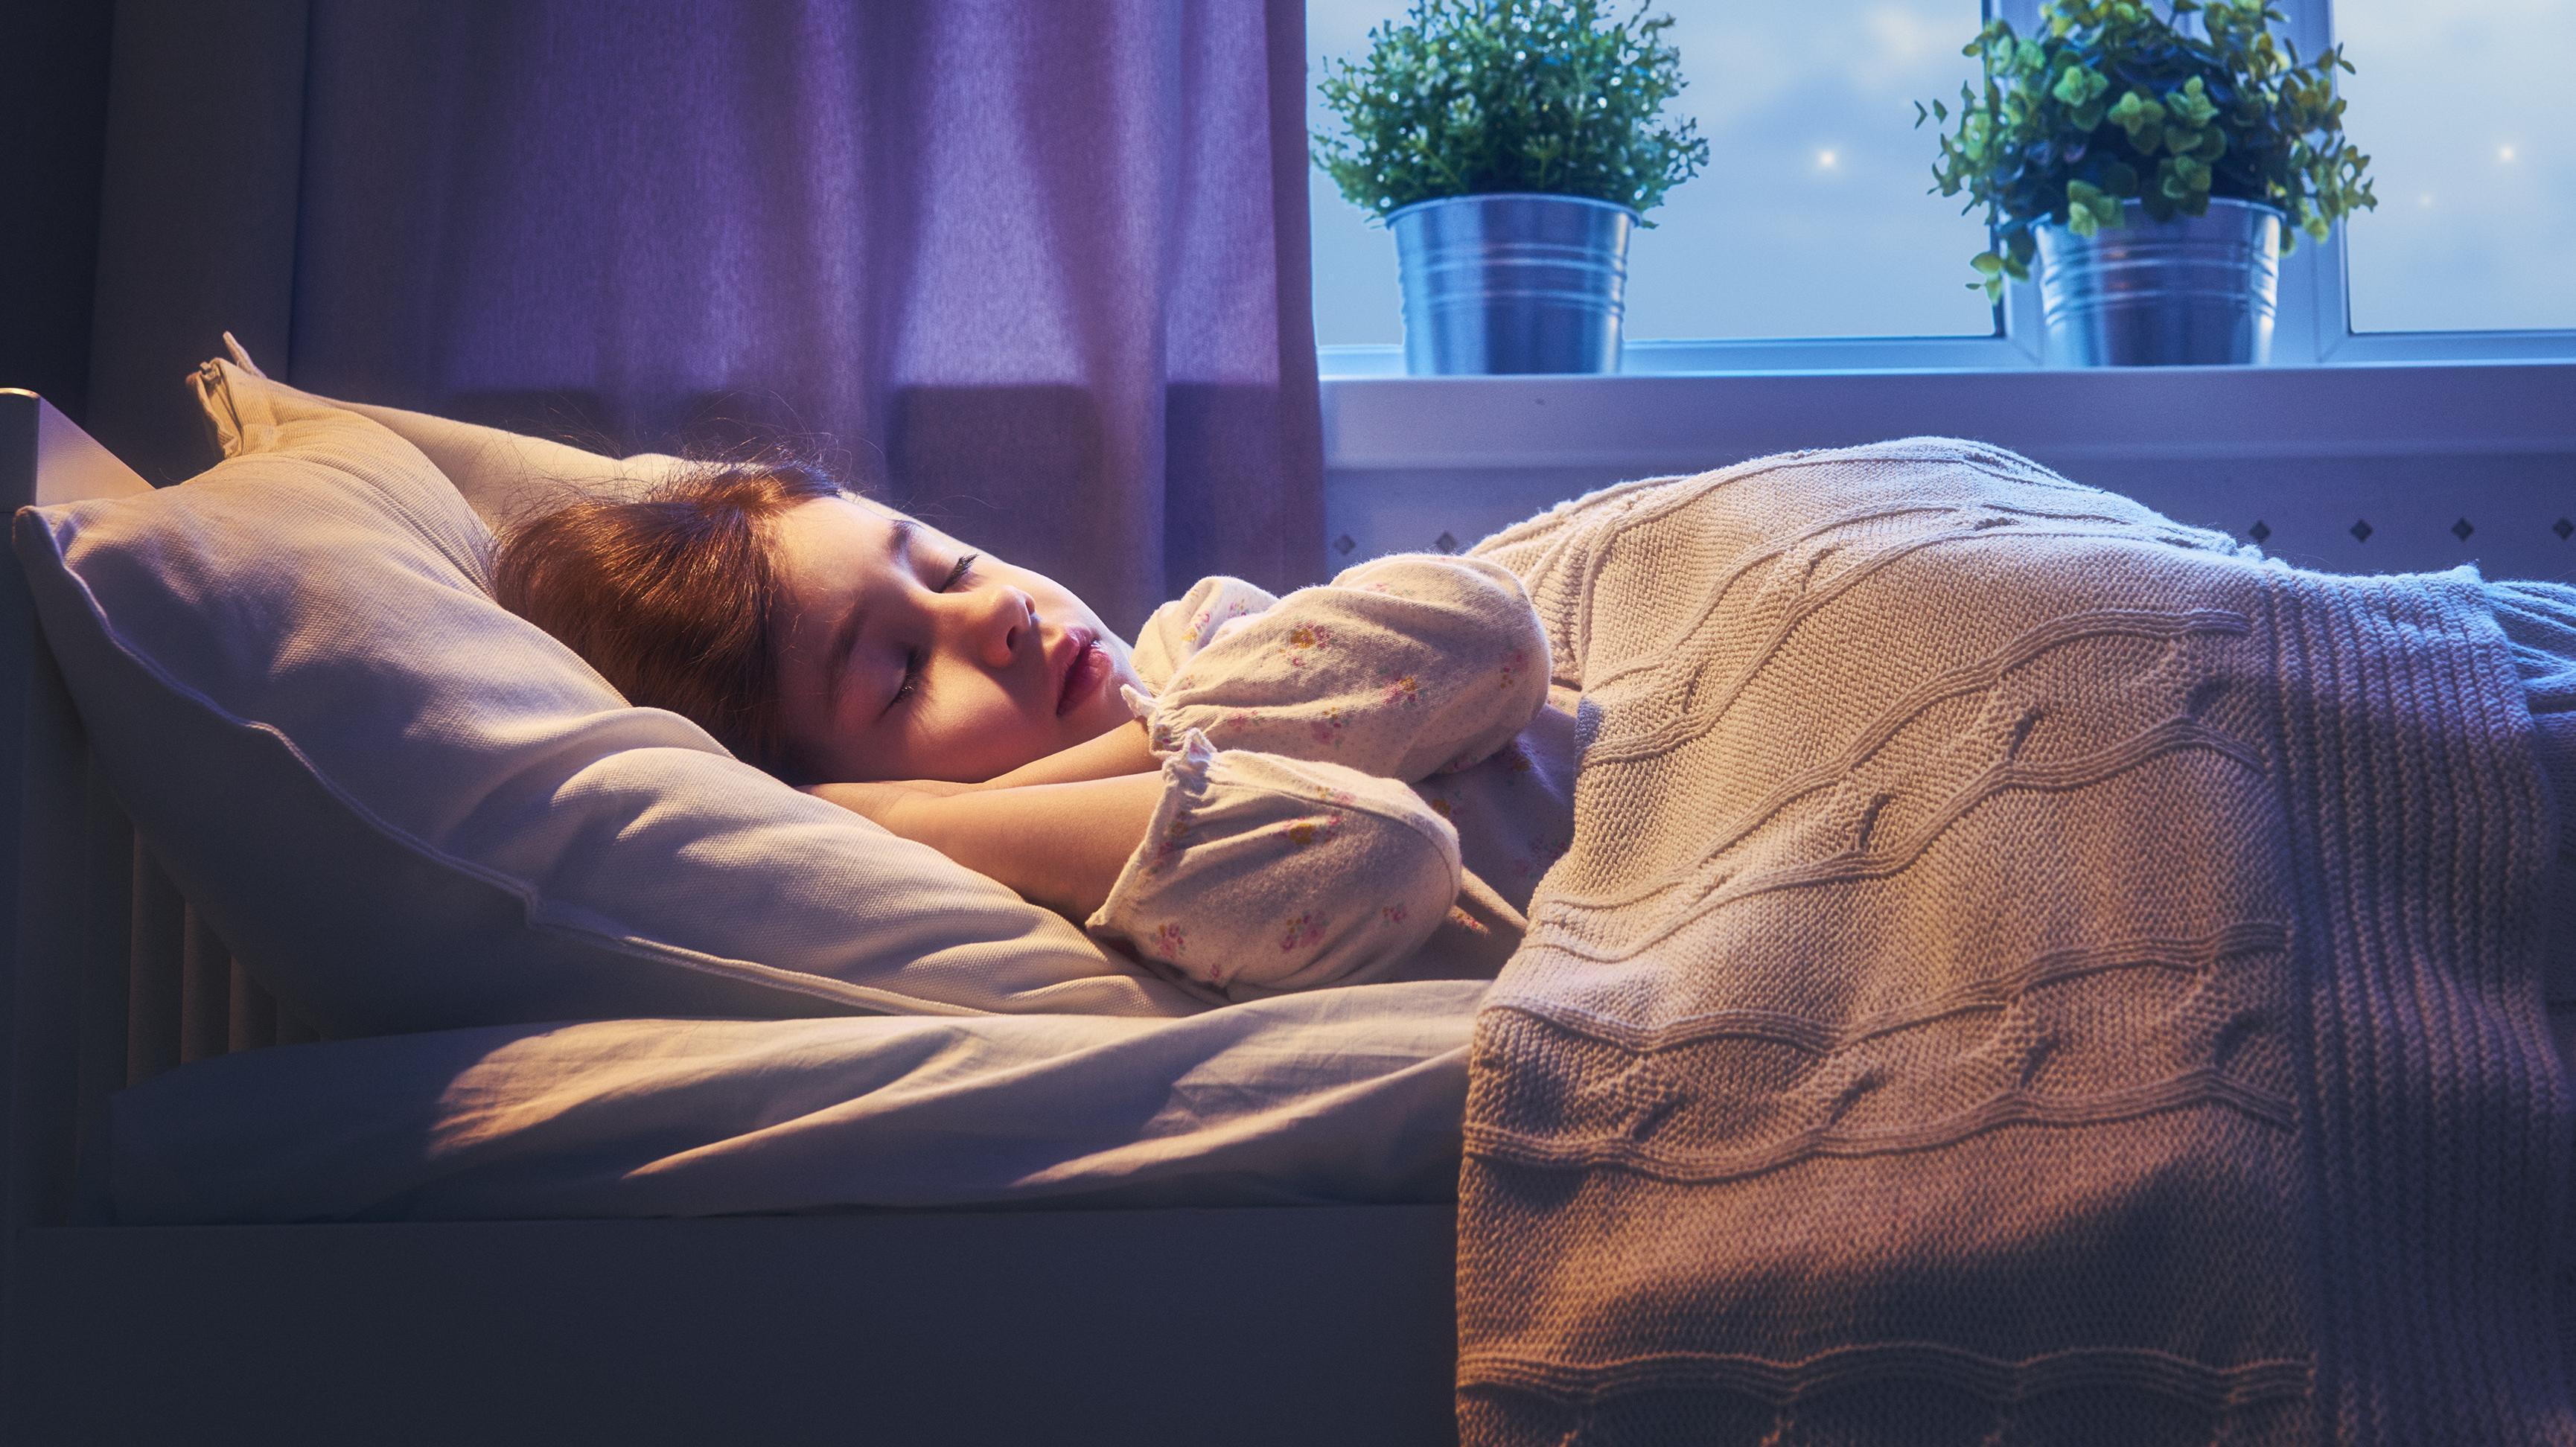 Schlafendes Kind im Mondlicht